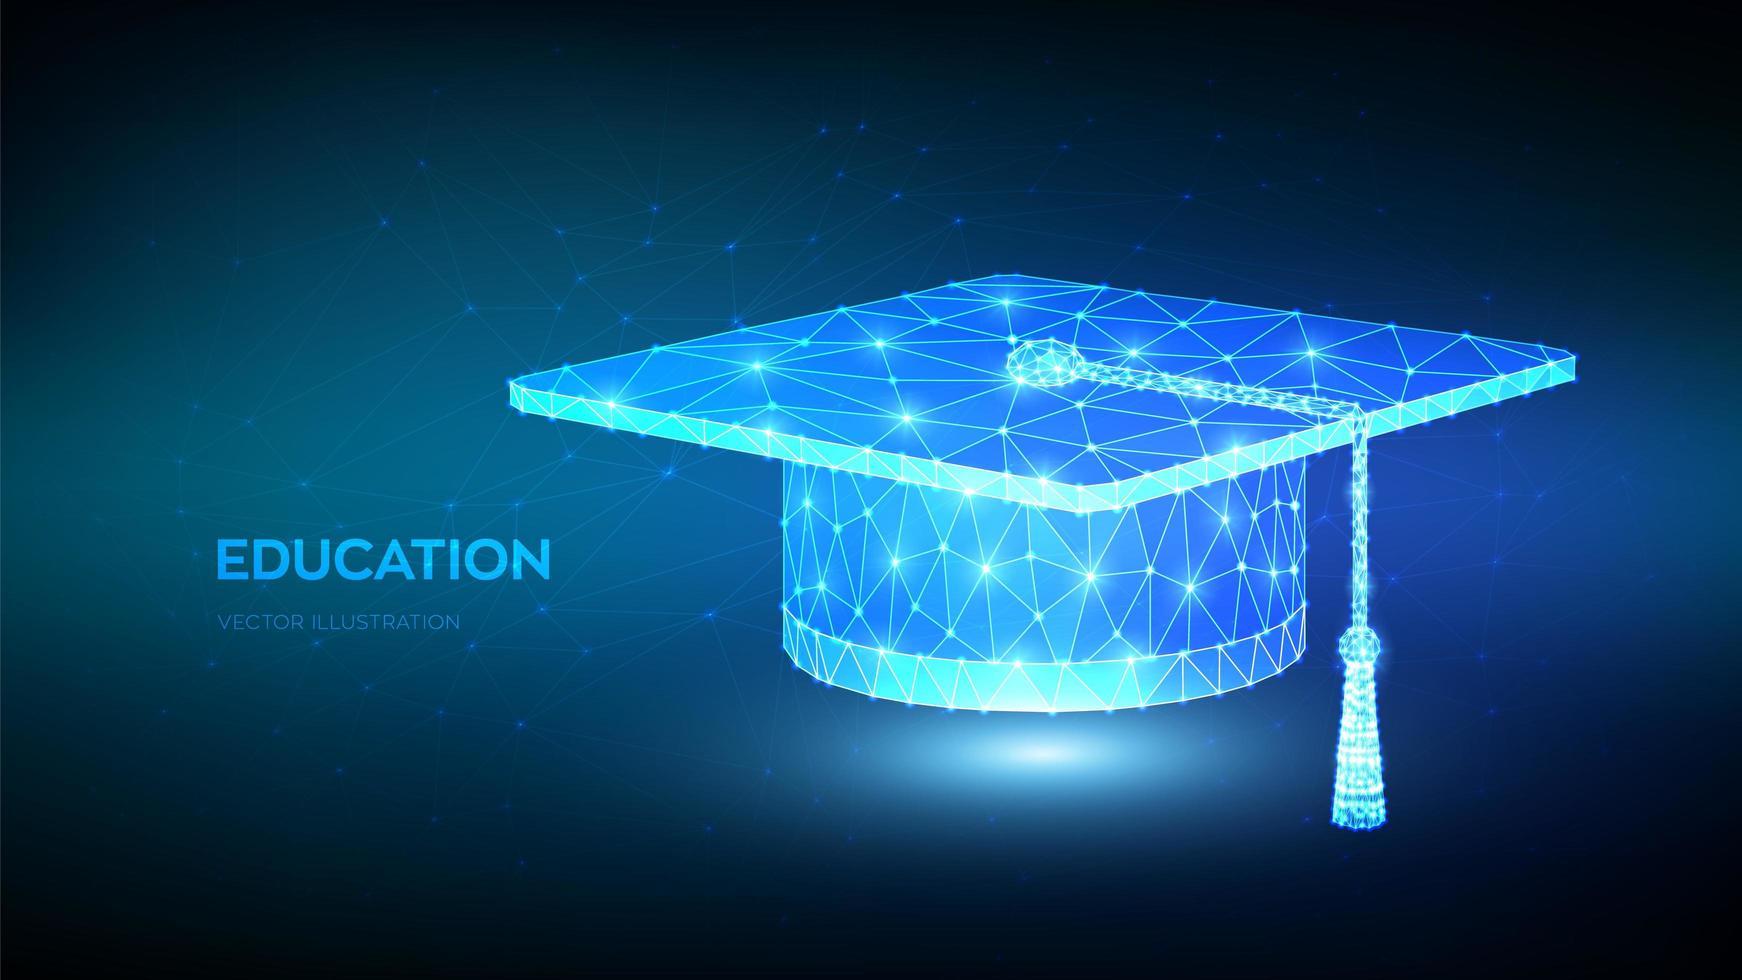 onderwijs futuristische banner vector